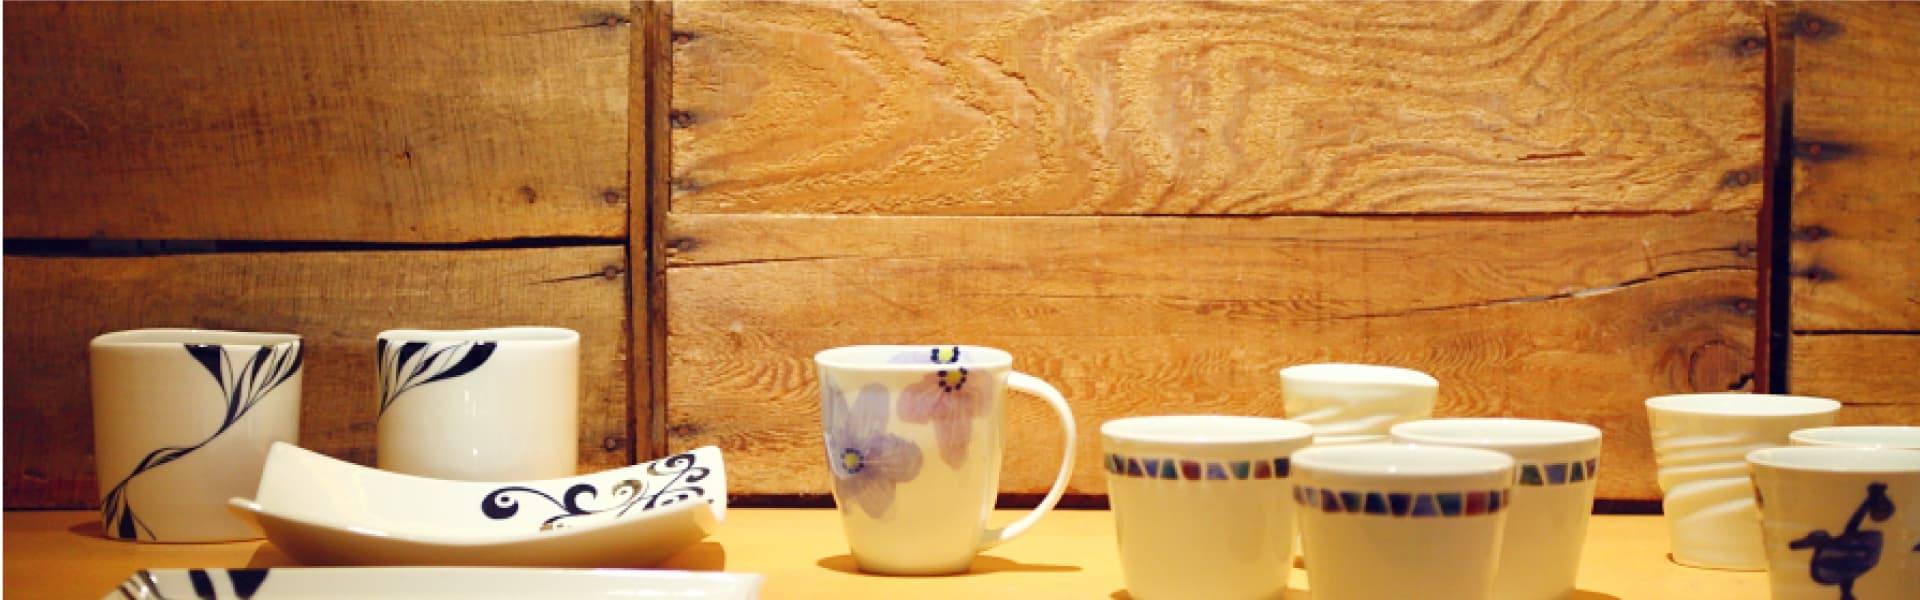 【松山・道後と砥部焼の里巡り】2日目以降はこちらもおすすめ!道後の歴史と砥部町の焼き物文化を 体験するコース